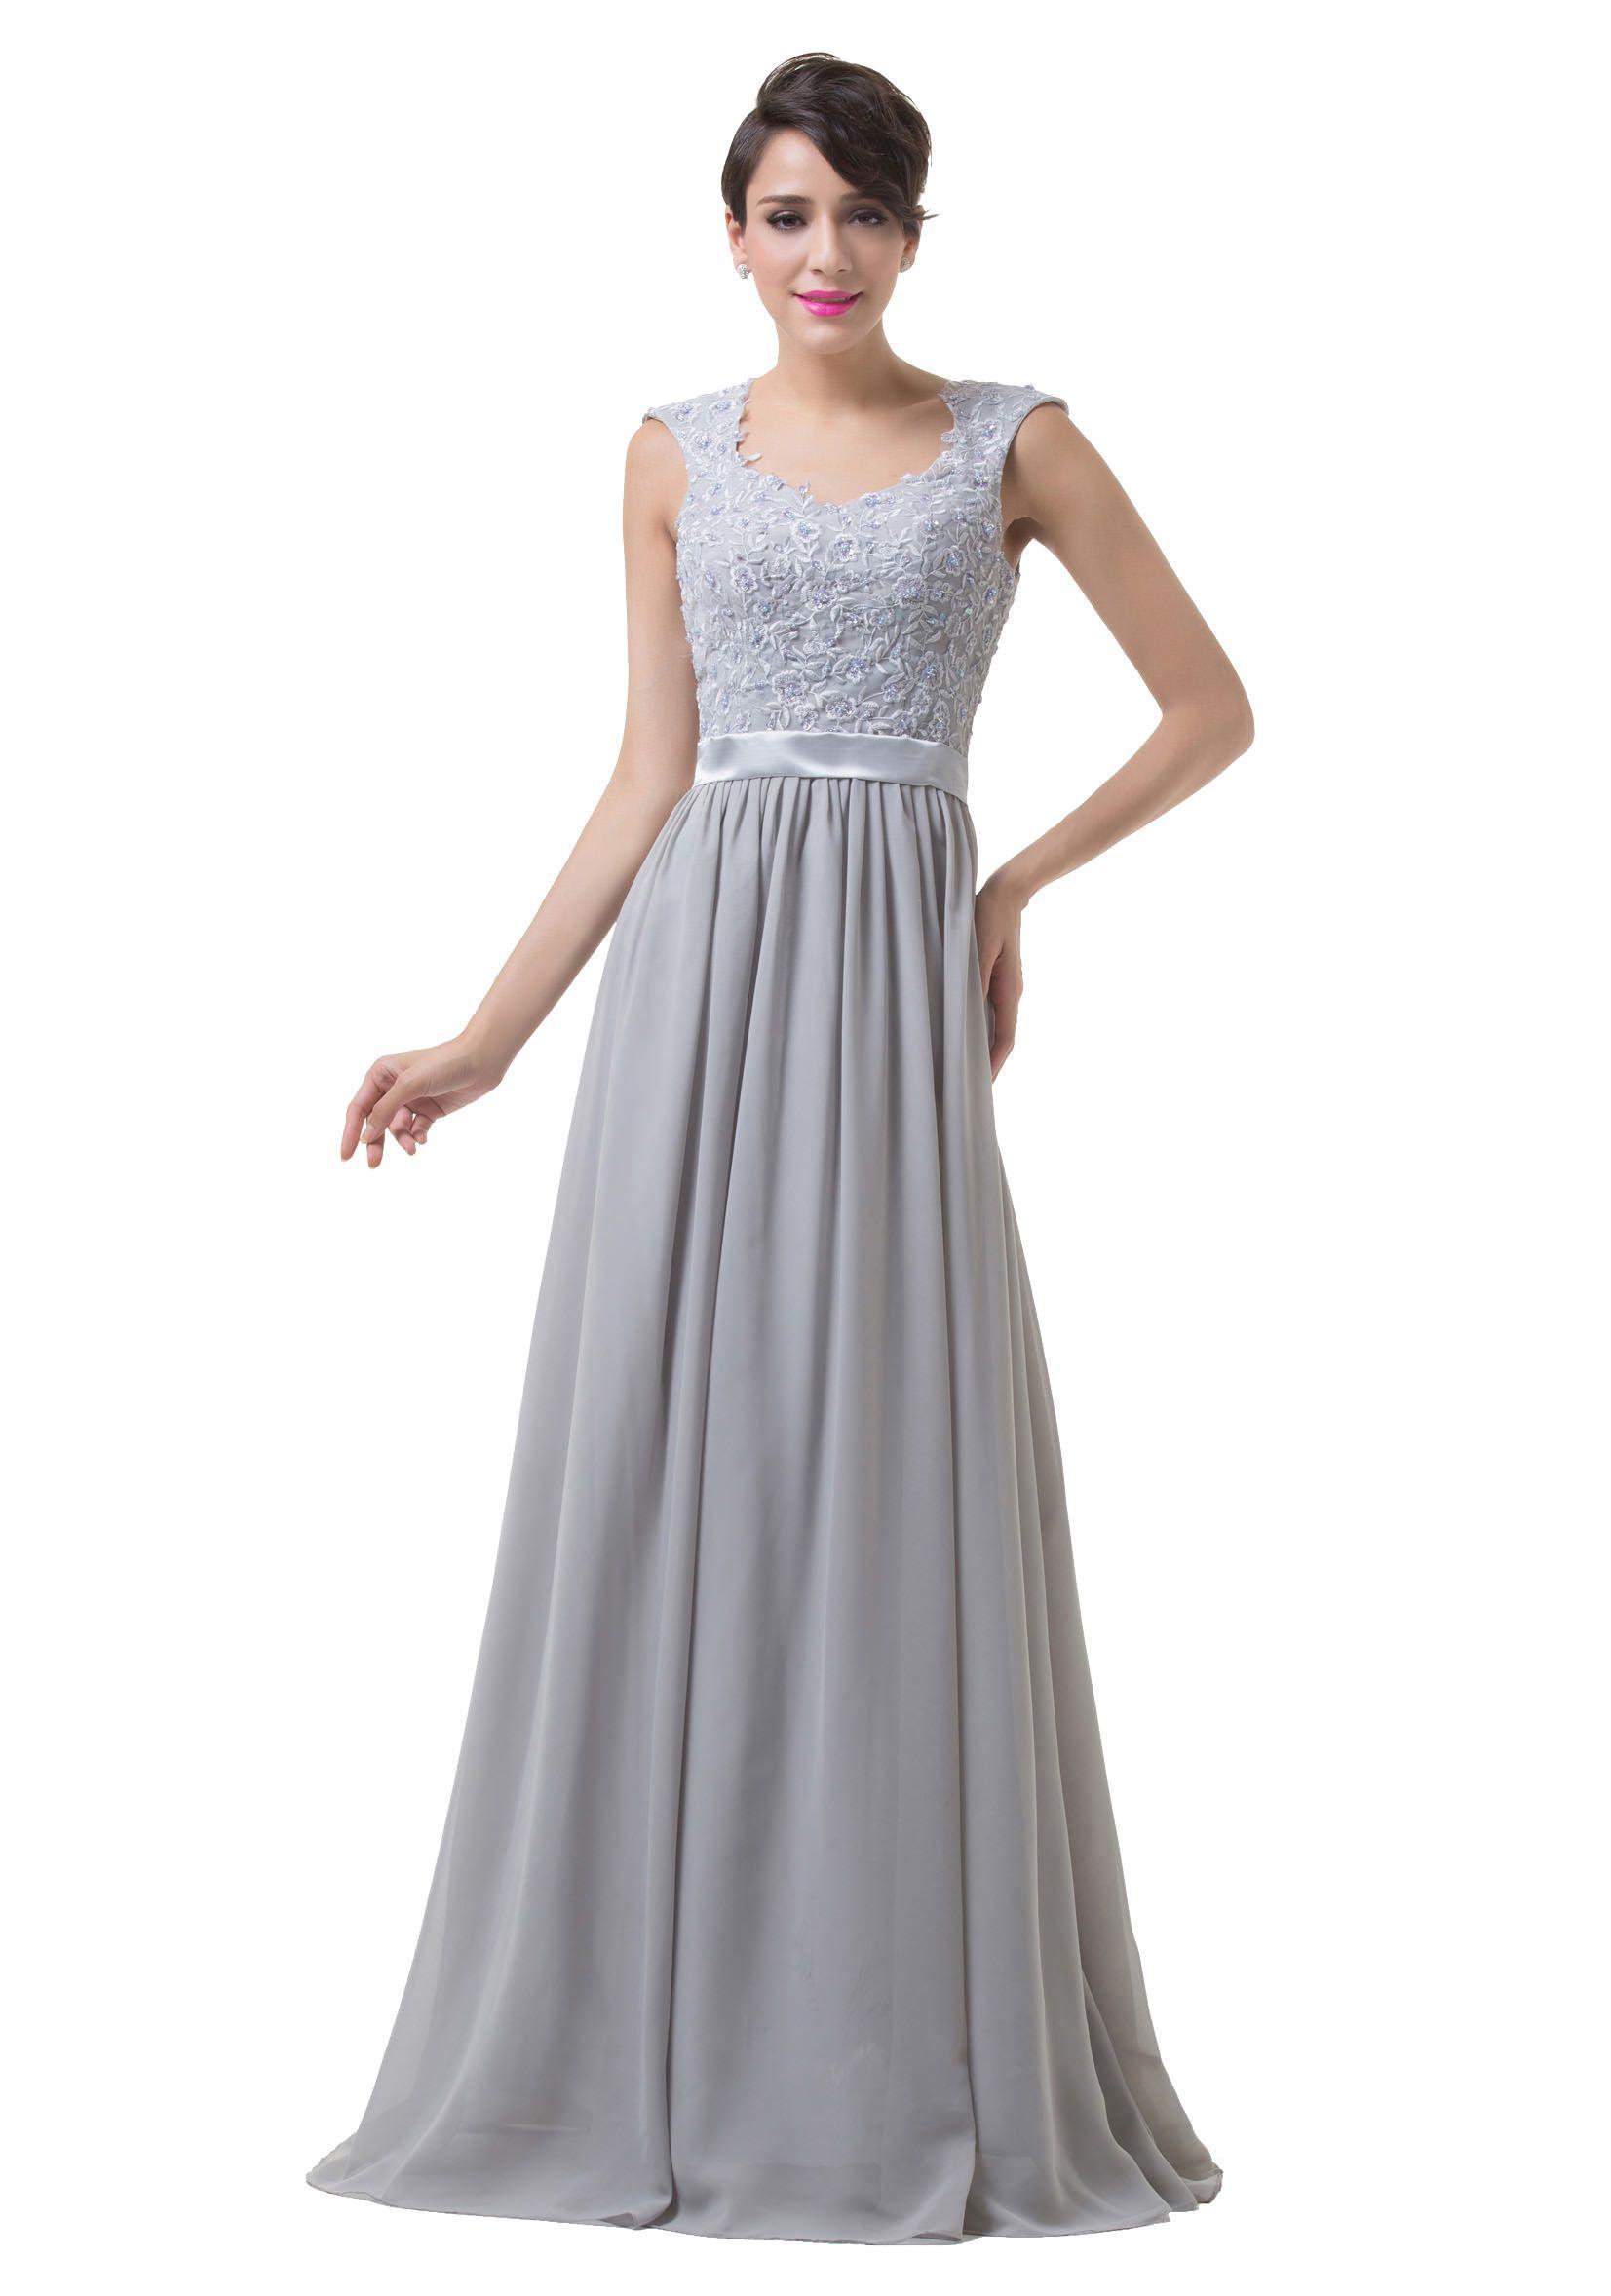 Abend Schön Abendkleid In Grau GalerieAbend Luxurius Abendkleid In Grau Galerie